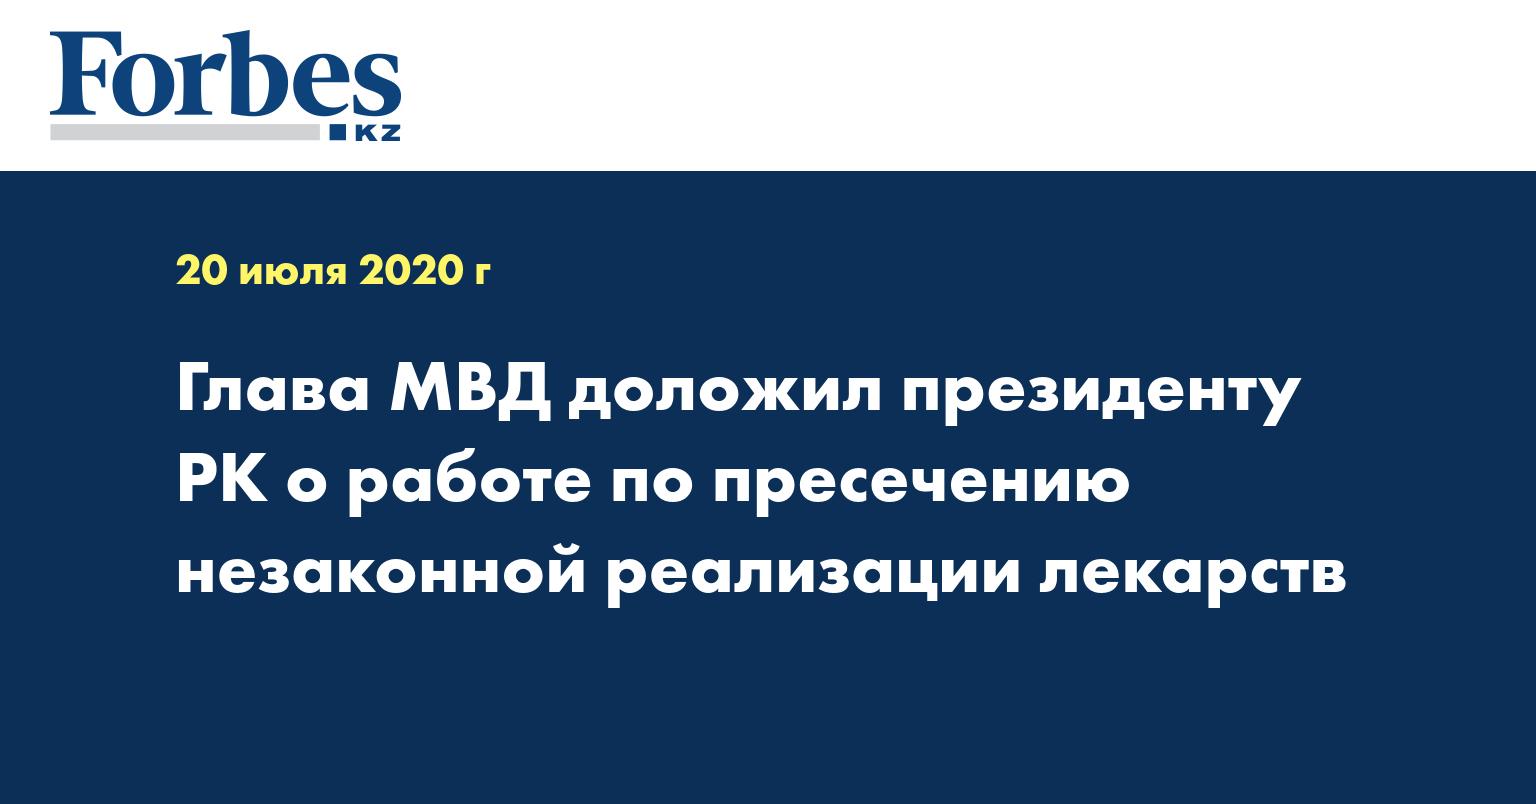 Глава МВД доложил Президенту РК о работе по пресечению незаконной реализации лекарств